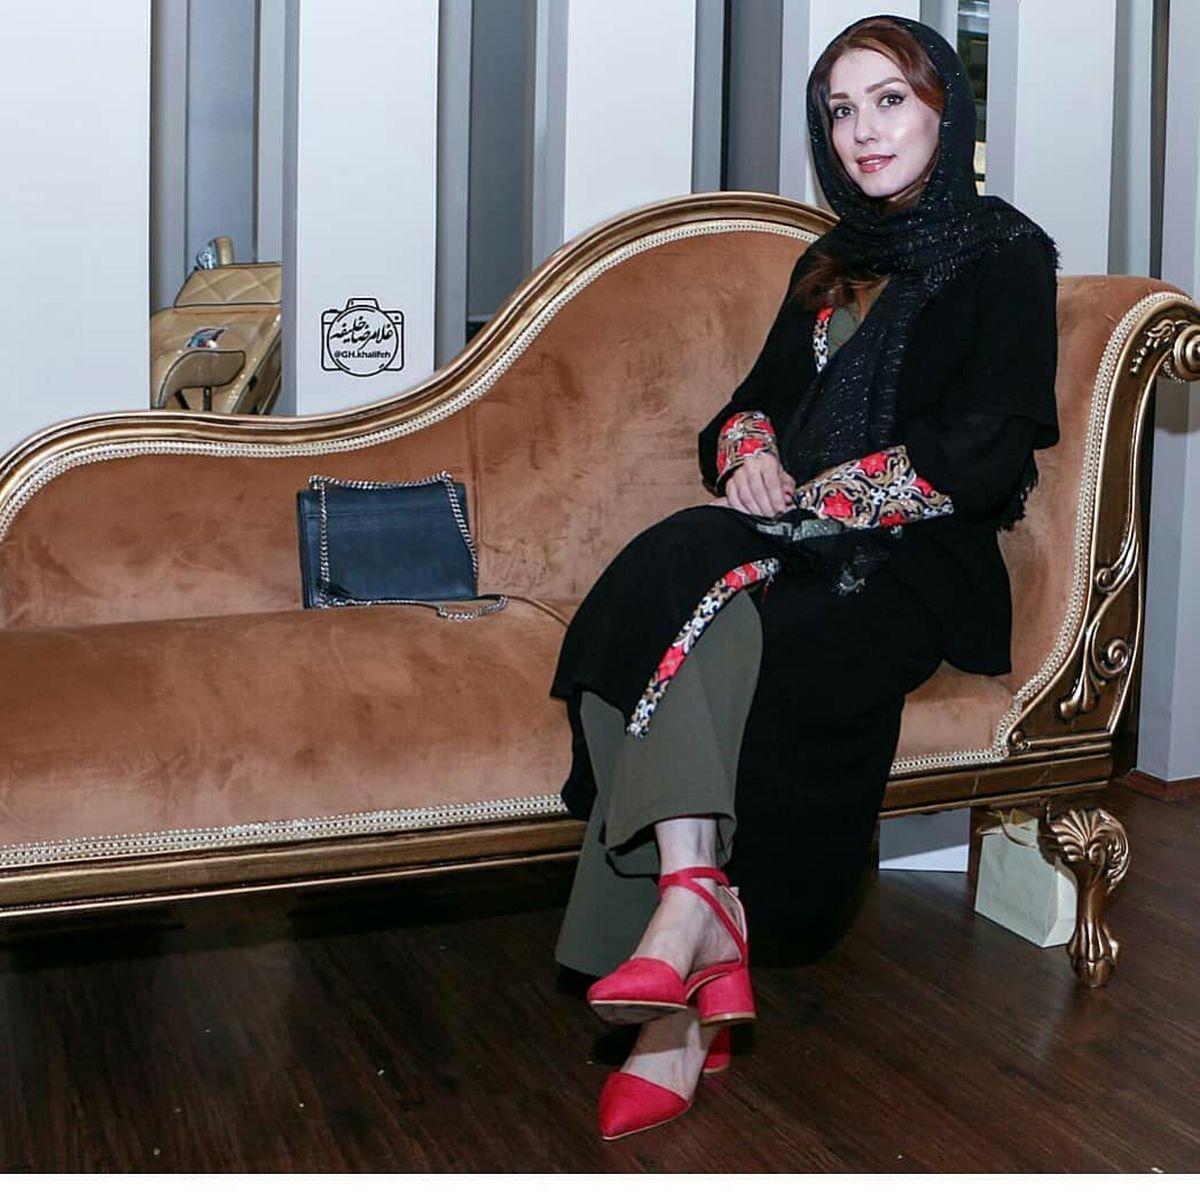 پاهای شهرزاد کمال زاده+عکس